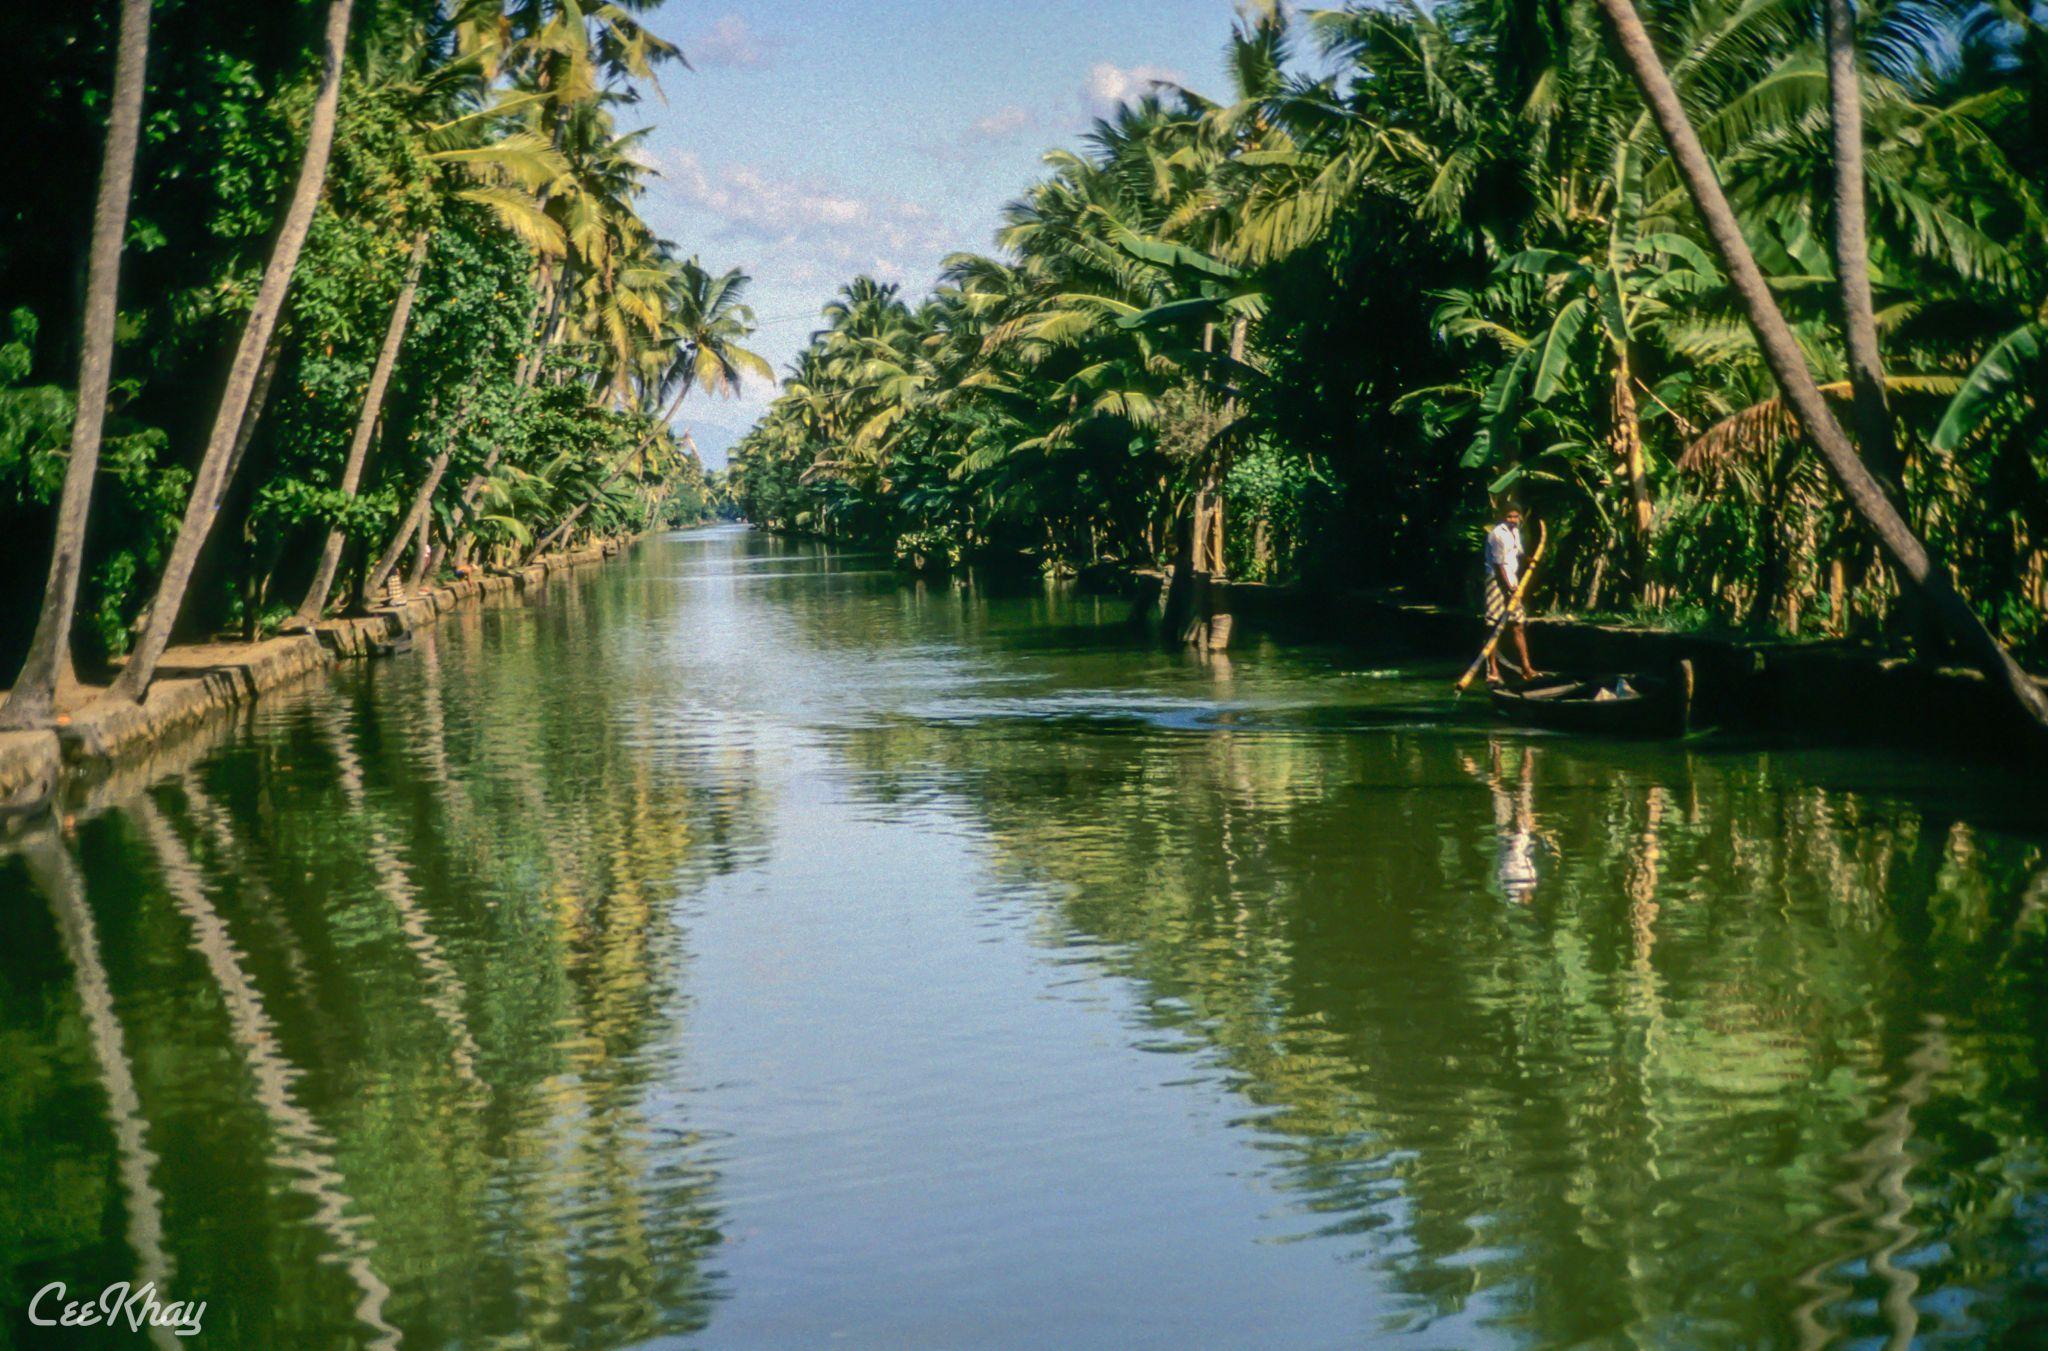 Kerala's Backwaters, India